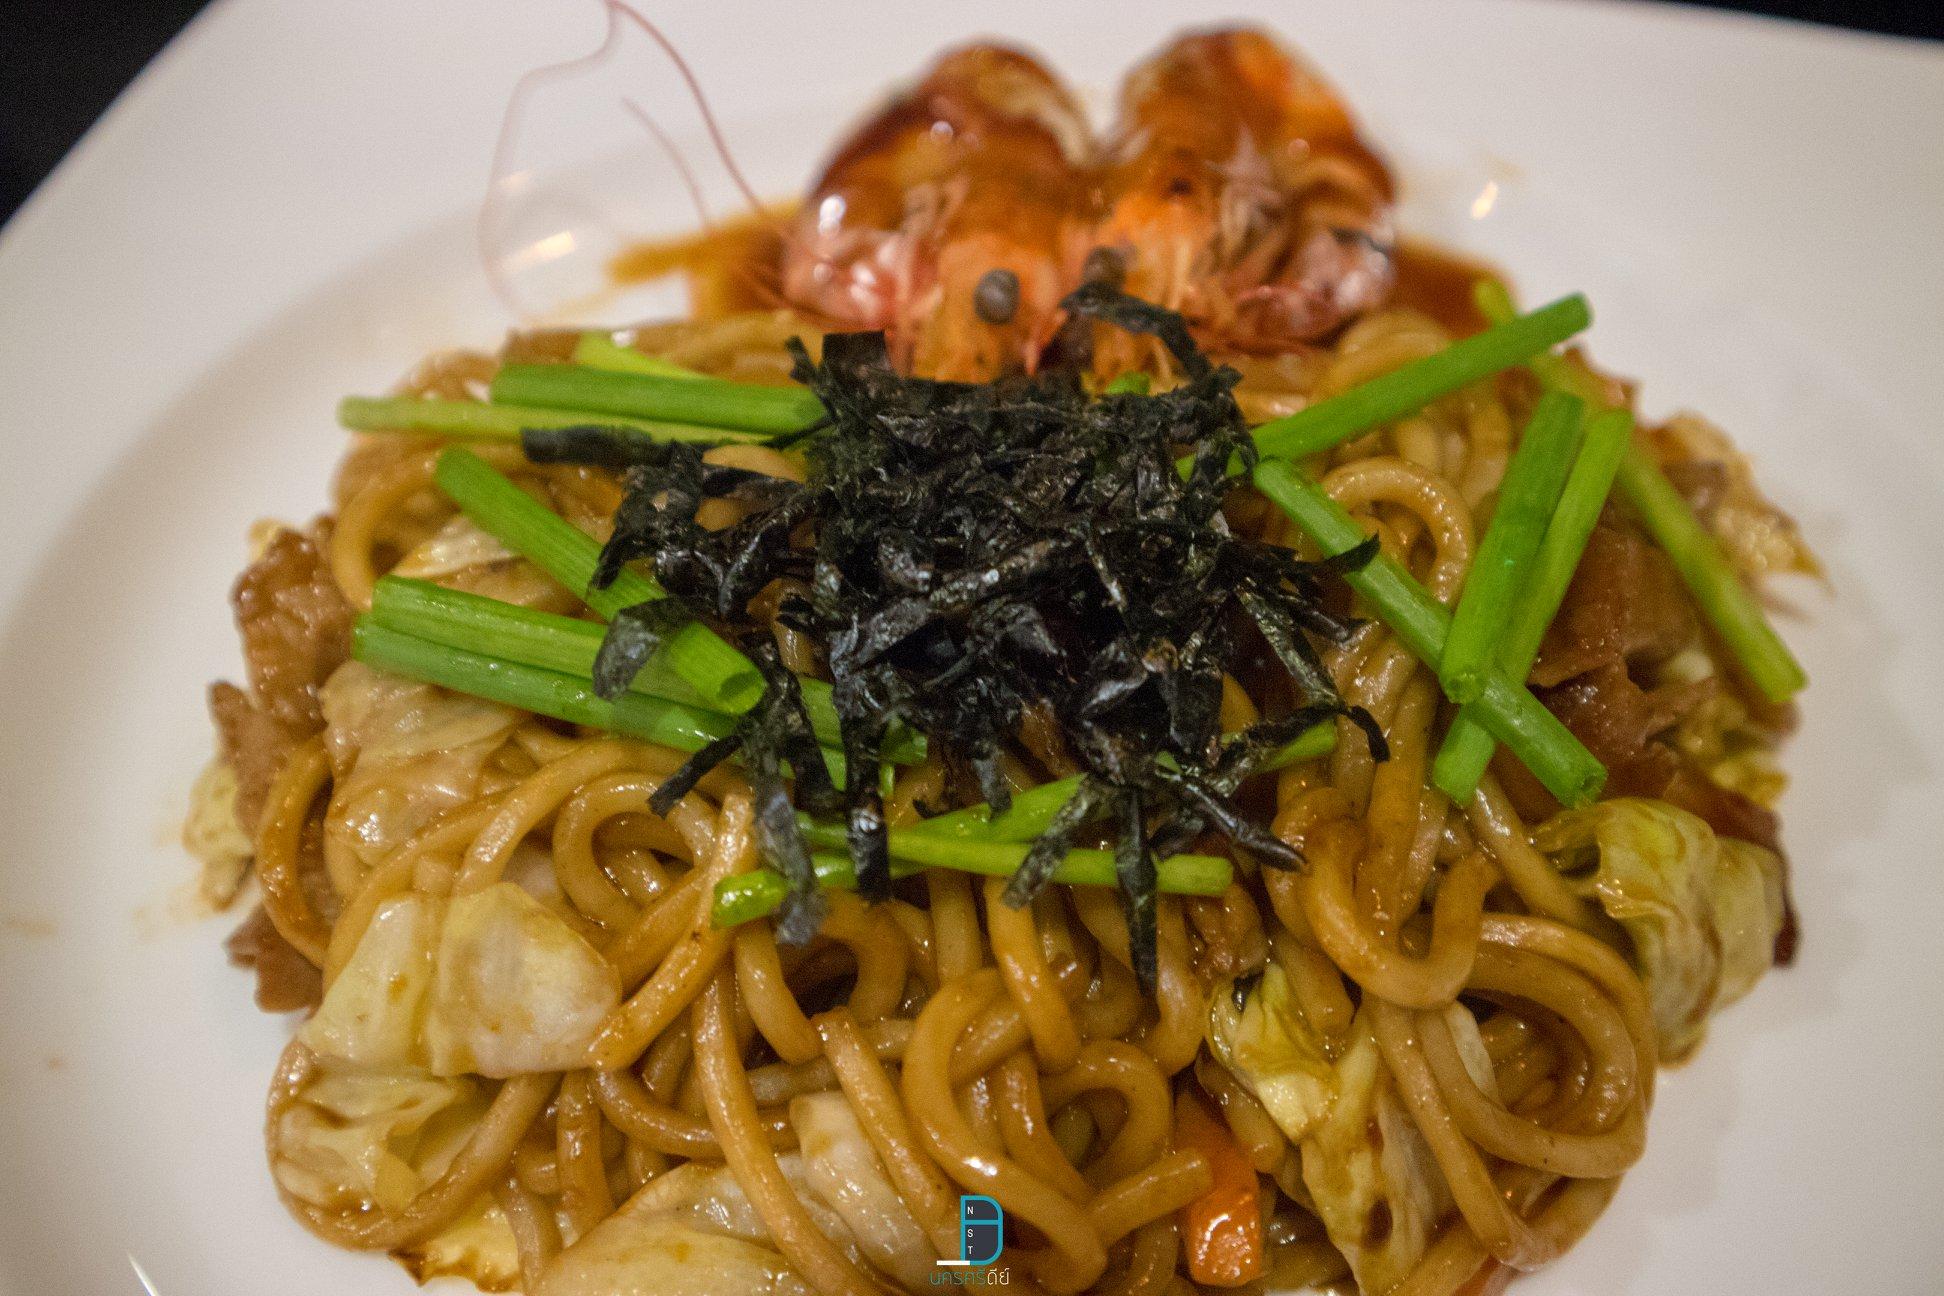 แนวอาหารญี่ปุ่นเราก็มี พิกัด-:-Namba-Shabu---Grill-?-ที่-นัมบะ-Namba-Grill---Shabu นครศรีธรรมราช,มีอะไรบ้าง,สถานที่ท่องเที่ยว,ร้านอร่อย,ของกิน